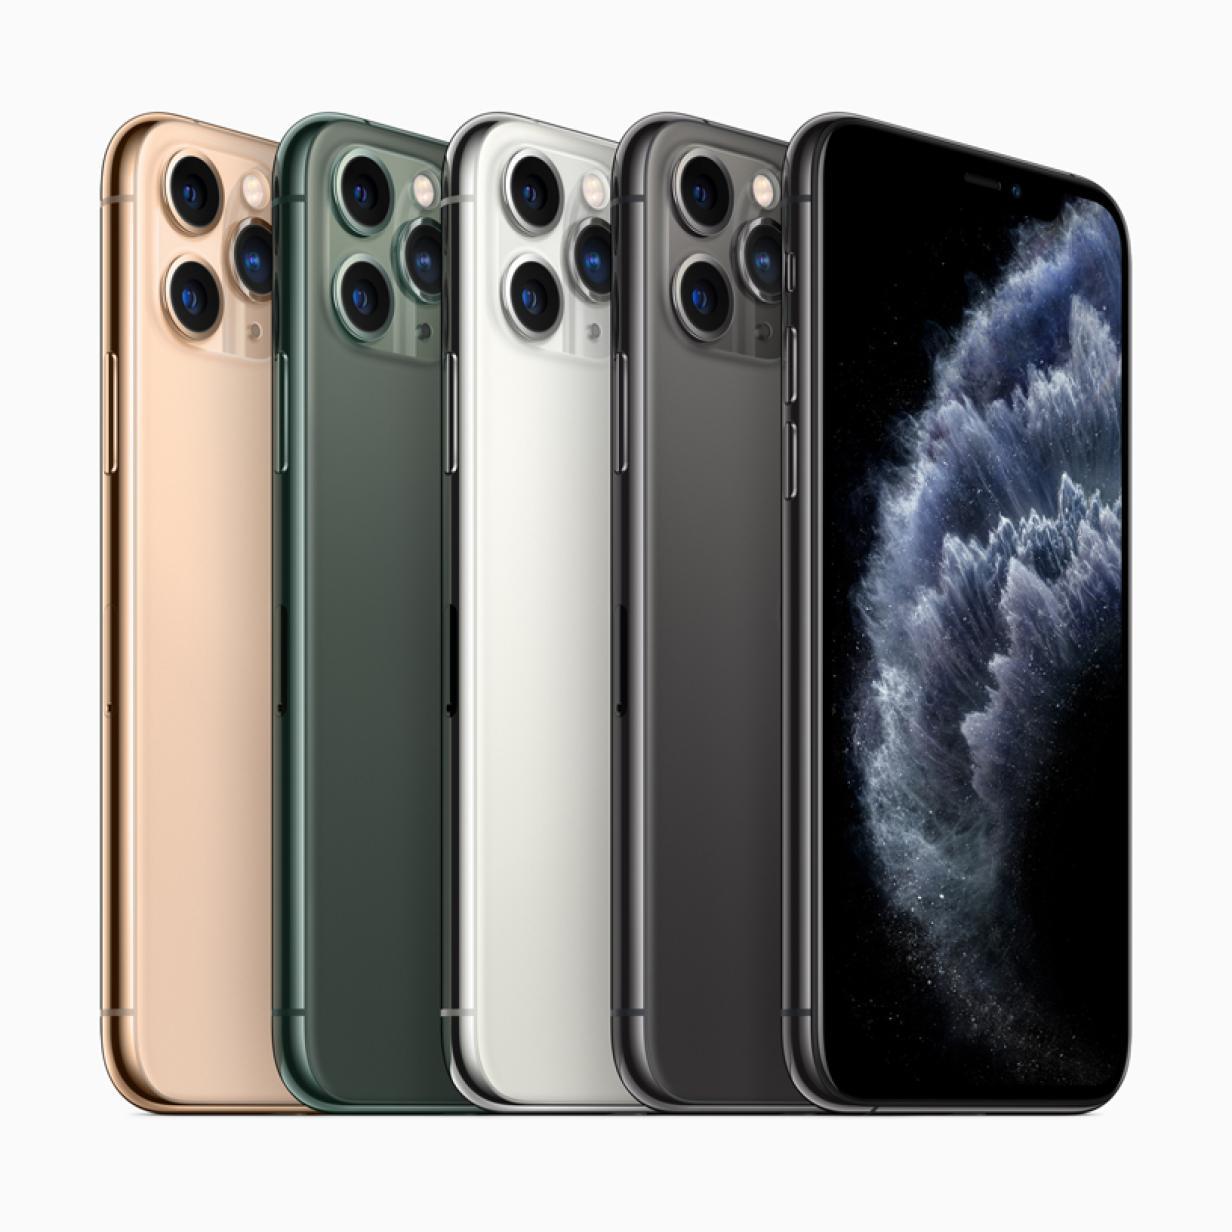 Darum hat das iPhone 11 kein 5G